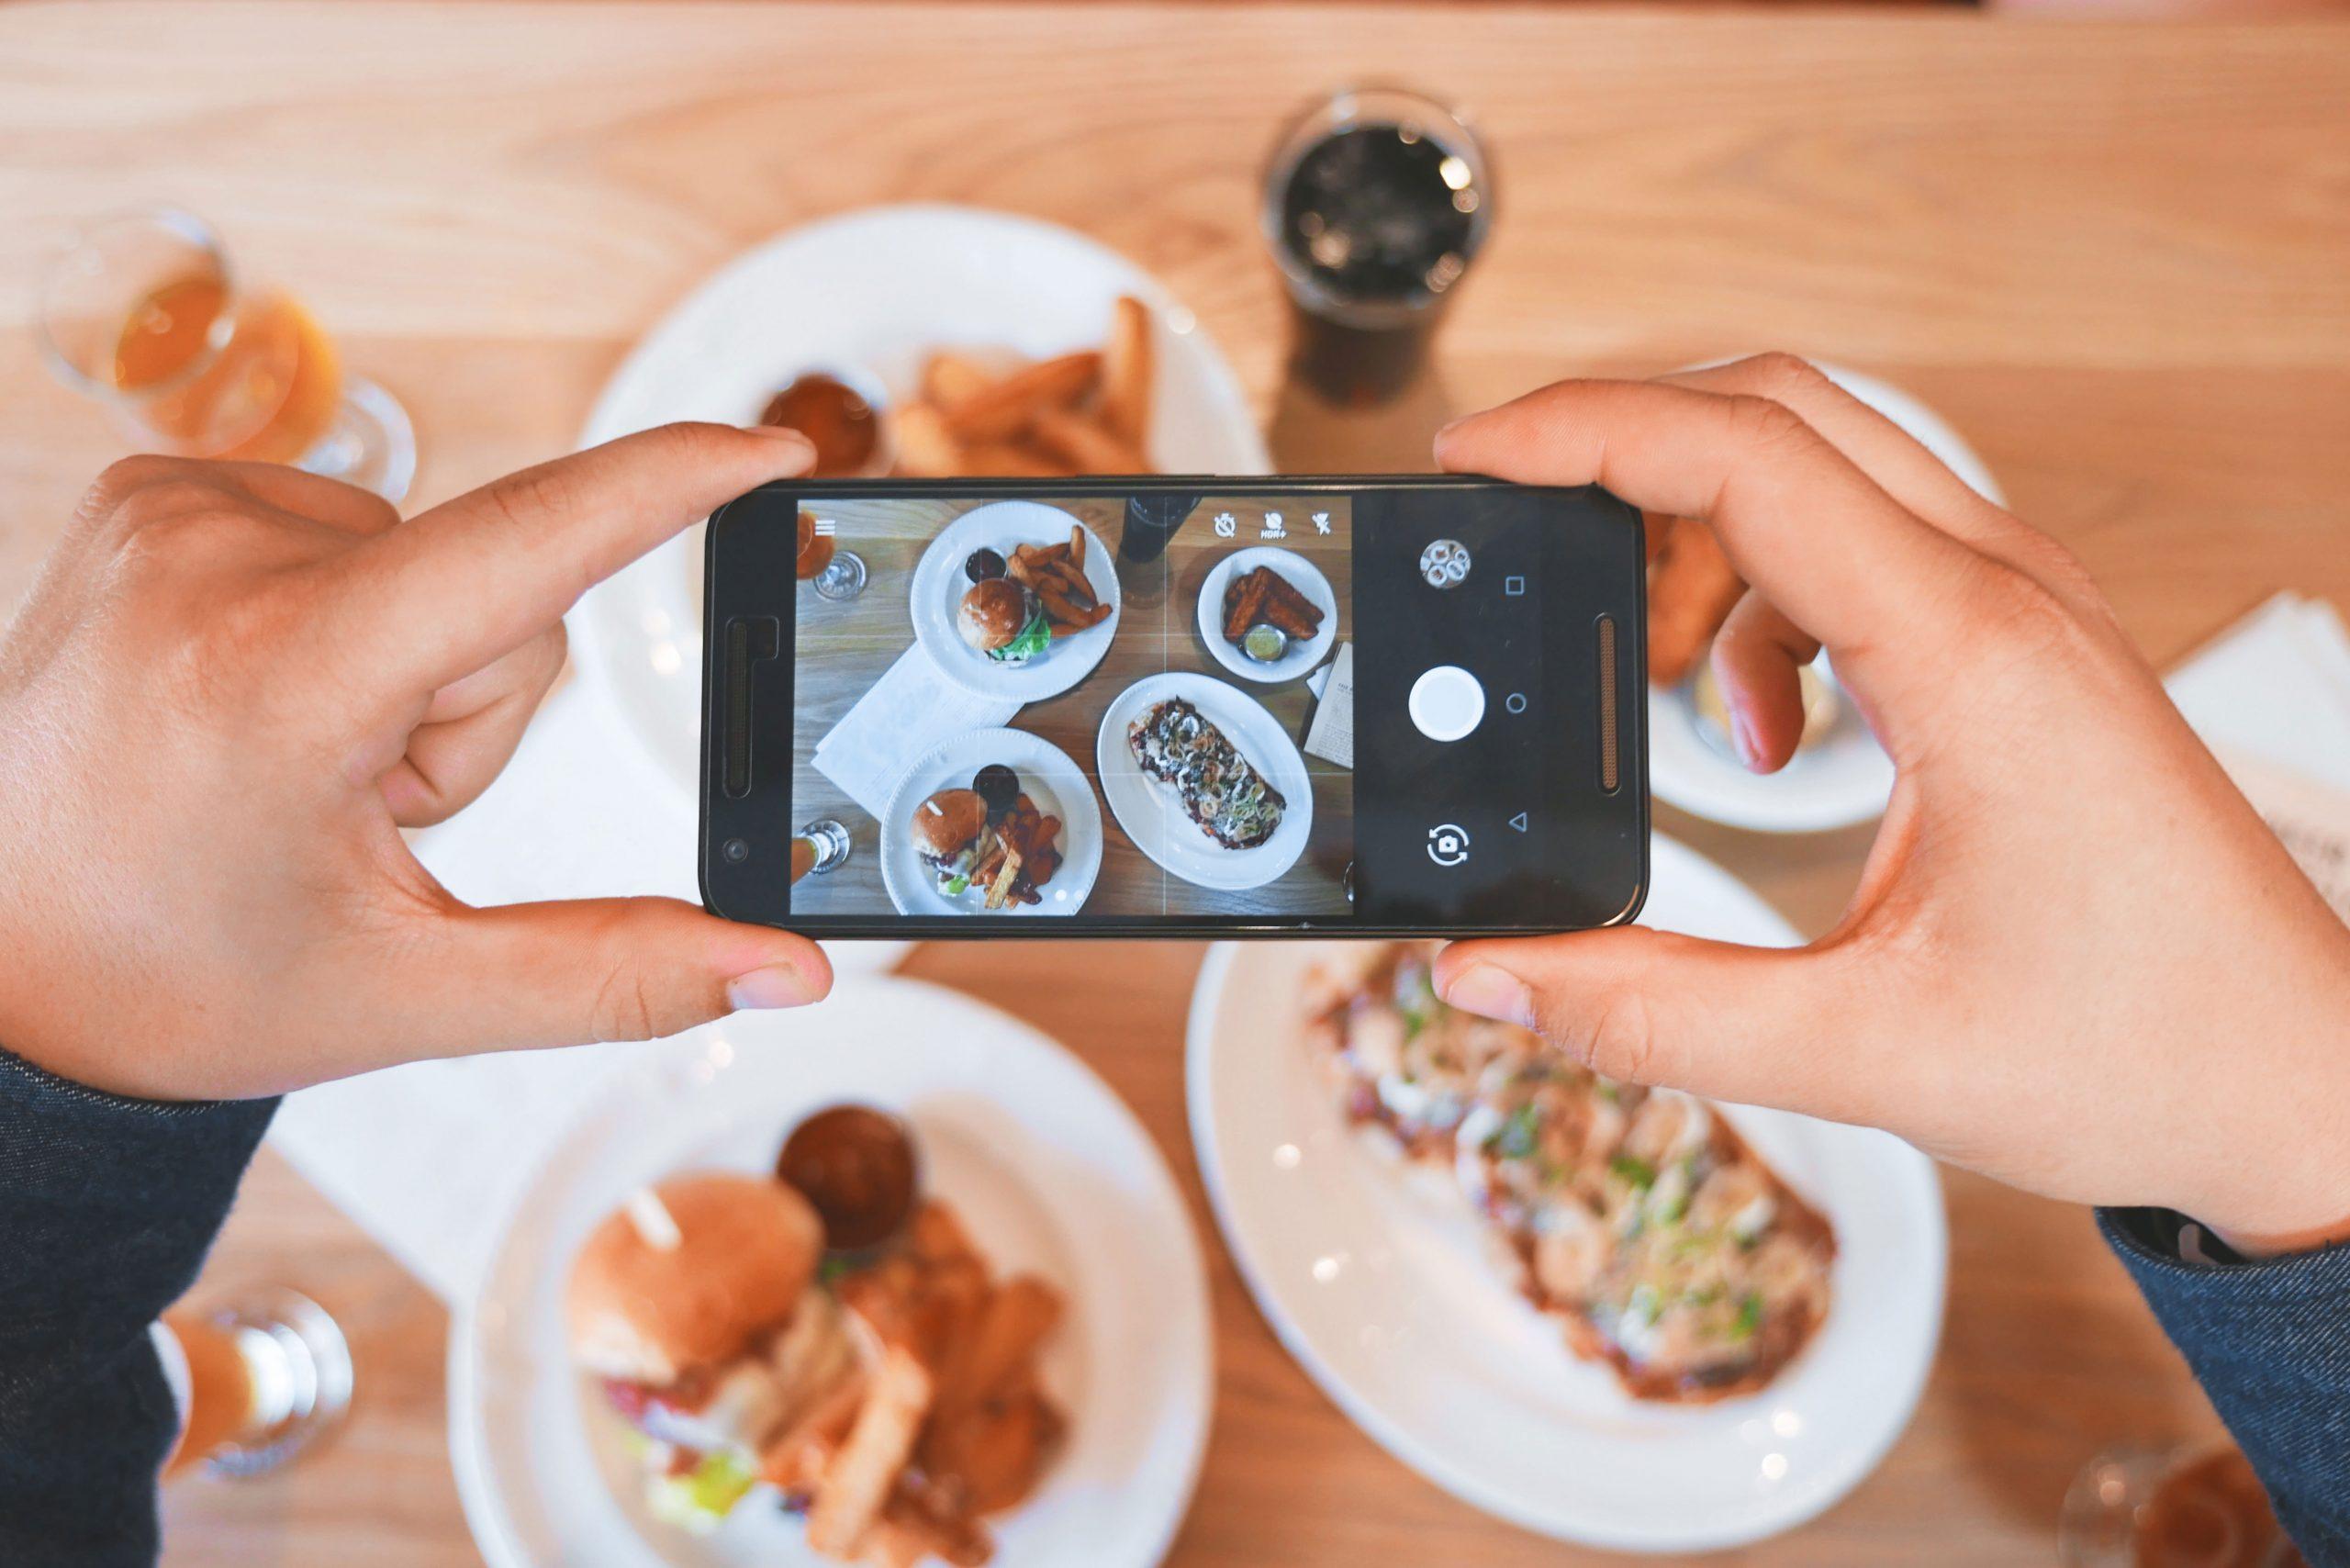 Découvrez le filtre réalité augmentée pour Instagram 18